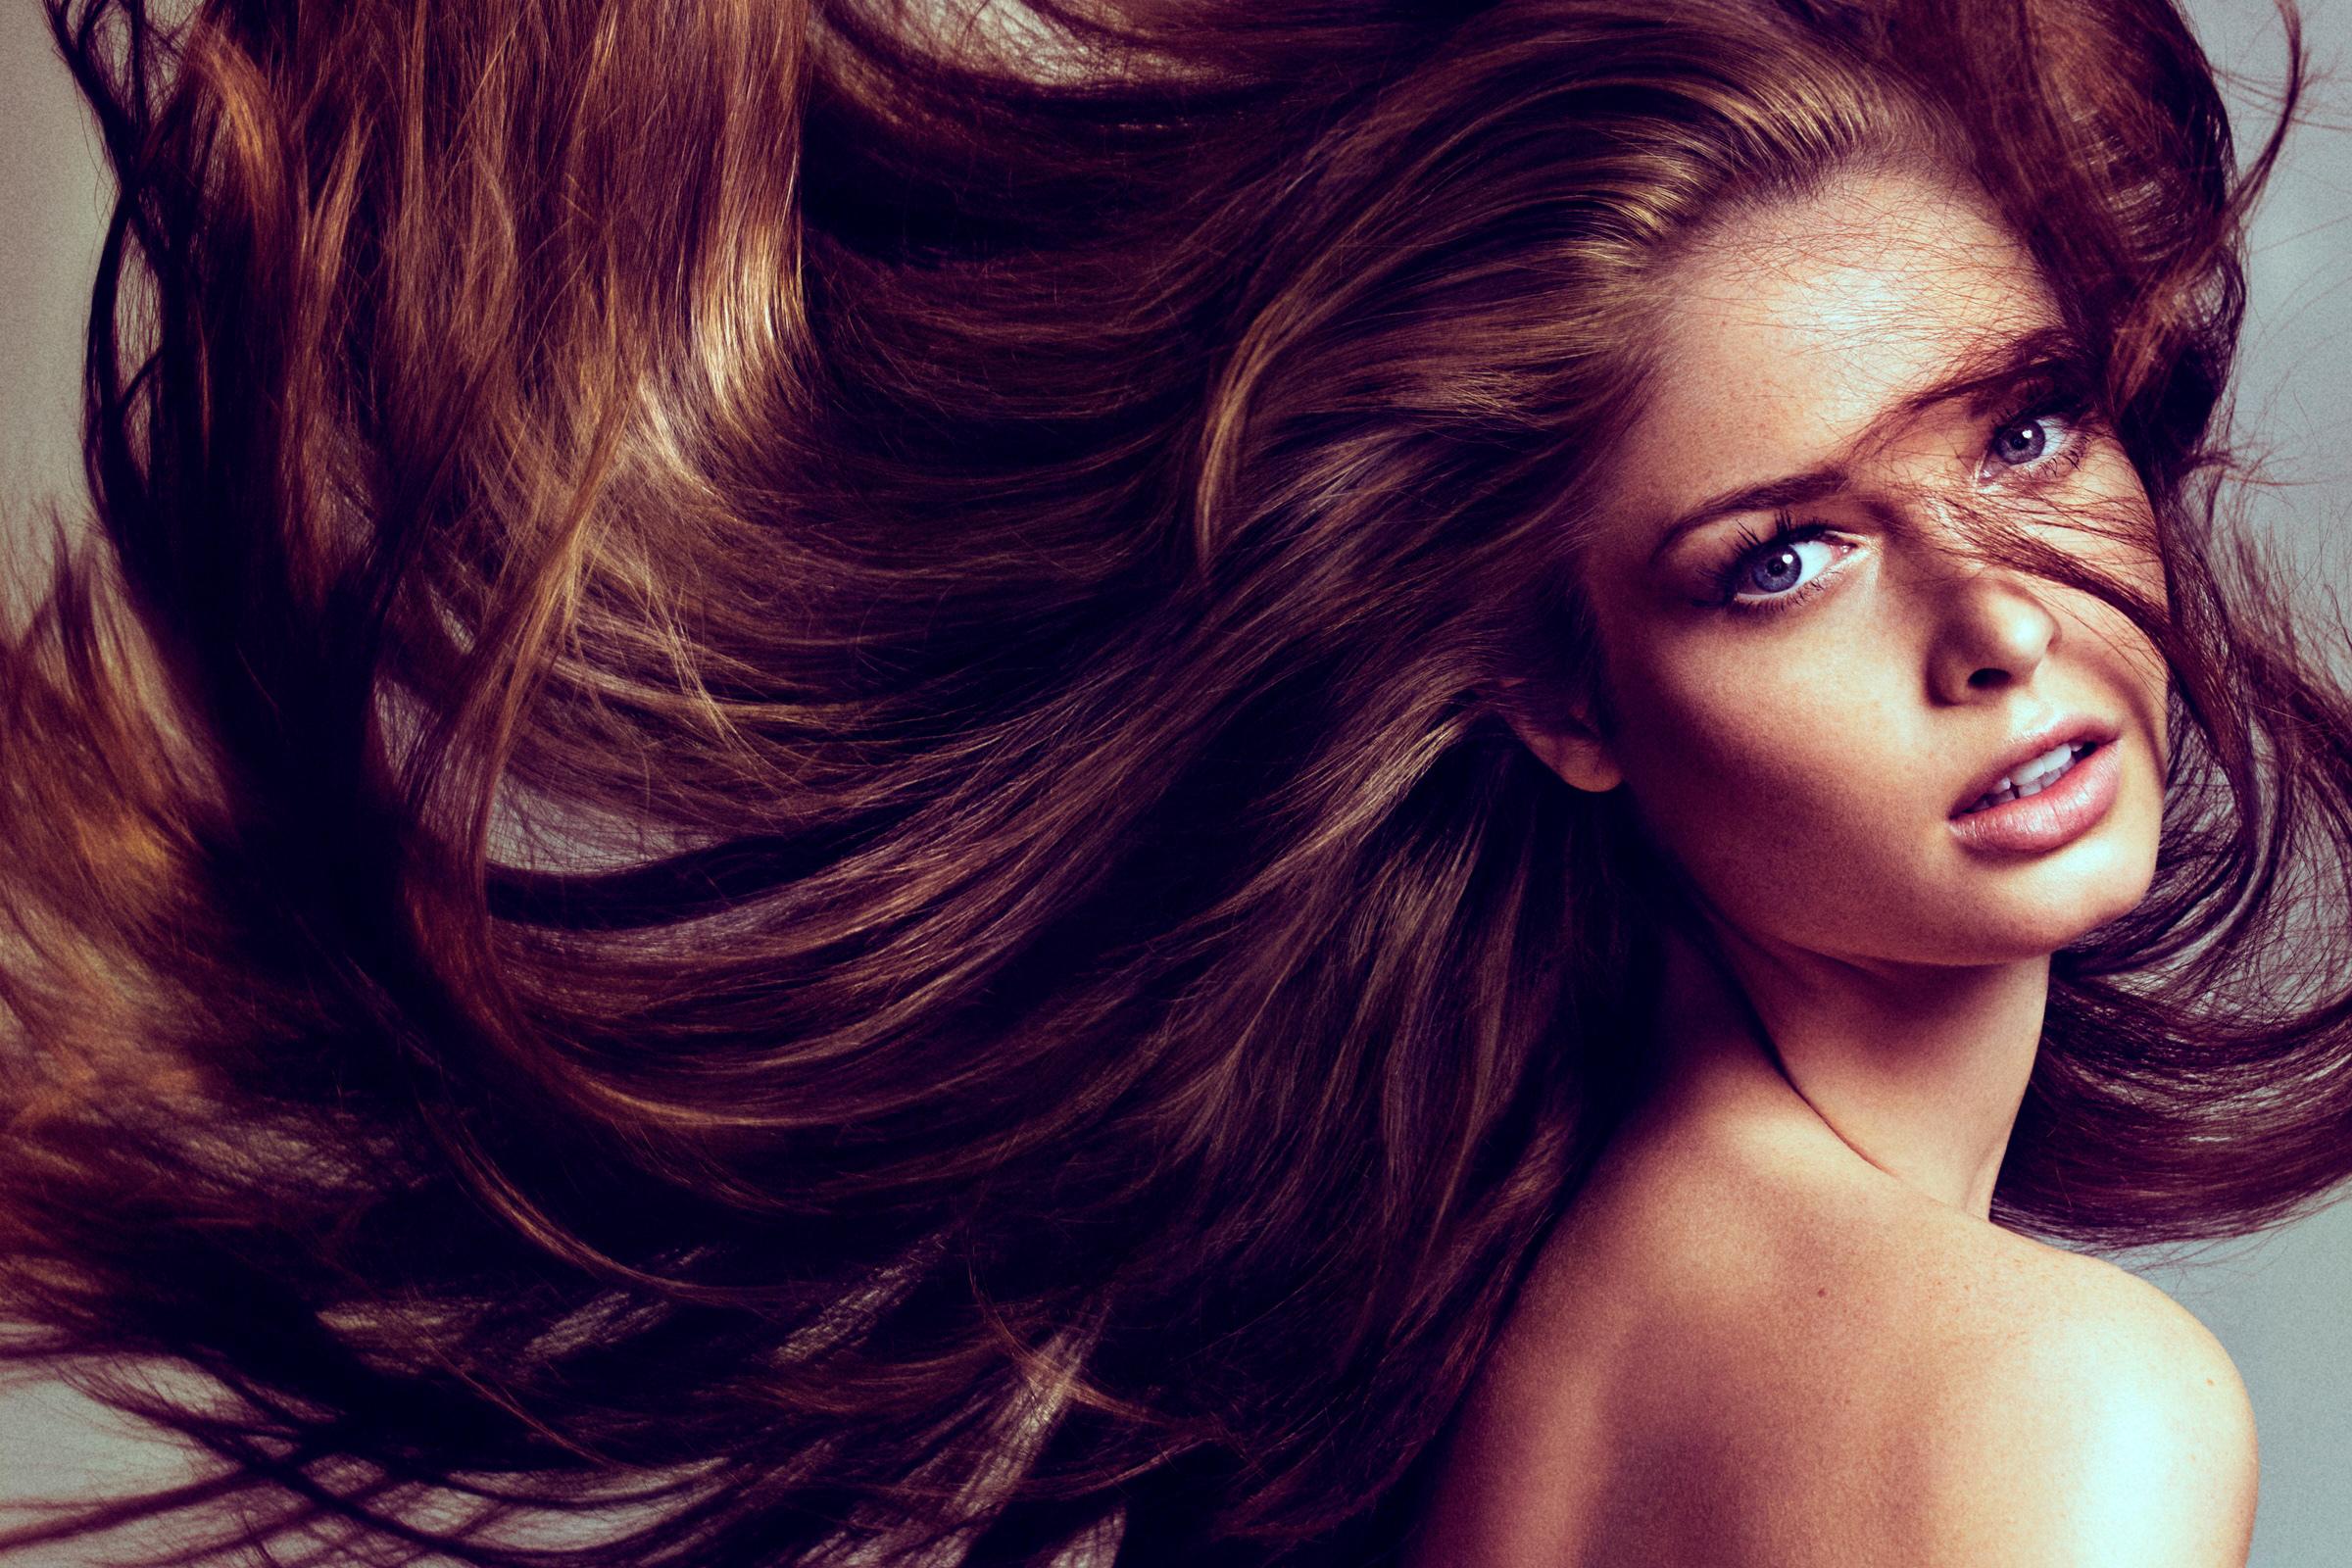 De mest almindelige hårmyter